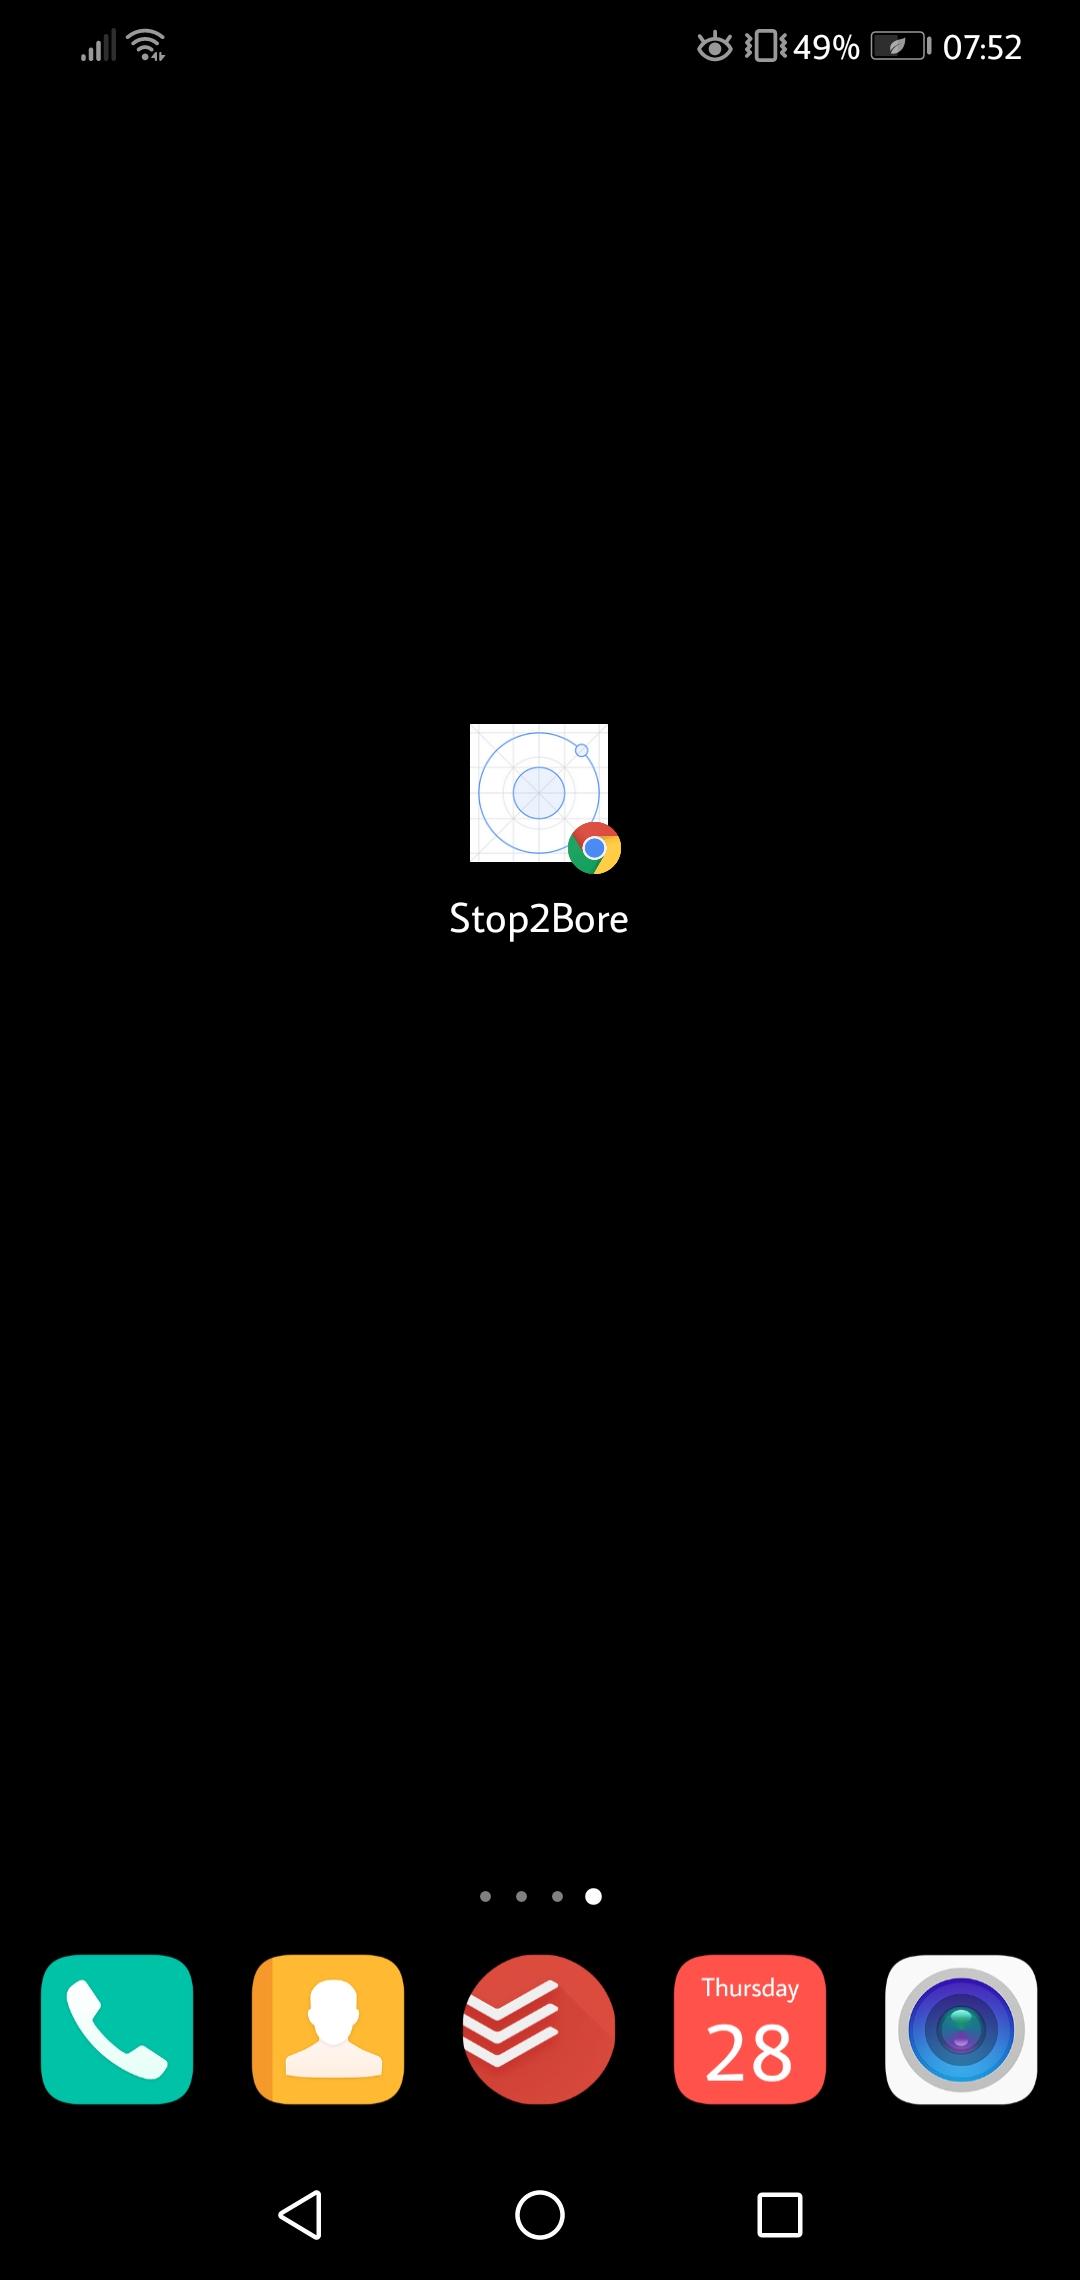 Screenshot_20190228-075223.jpg